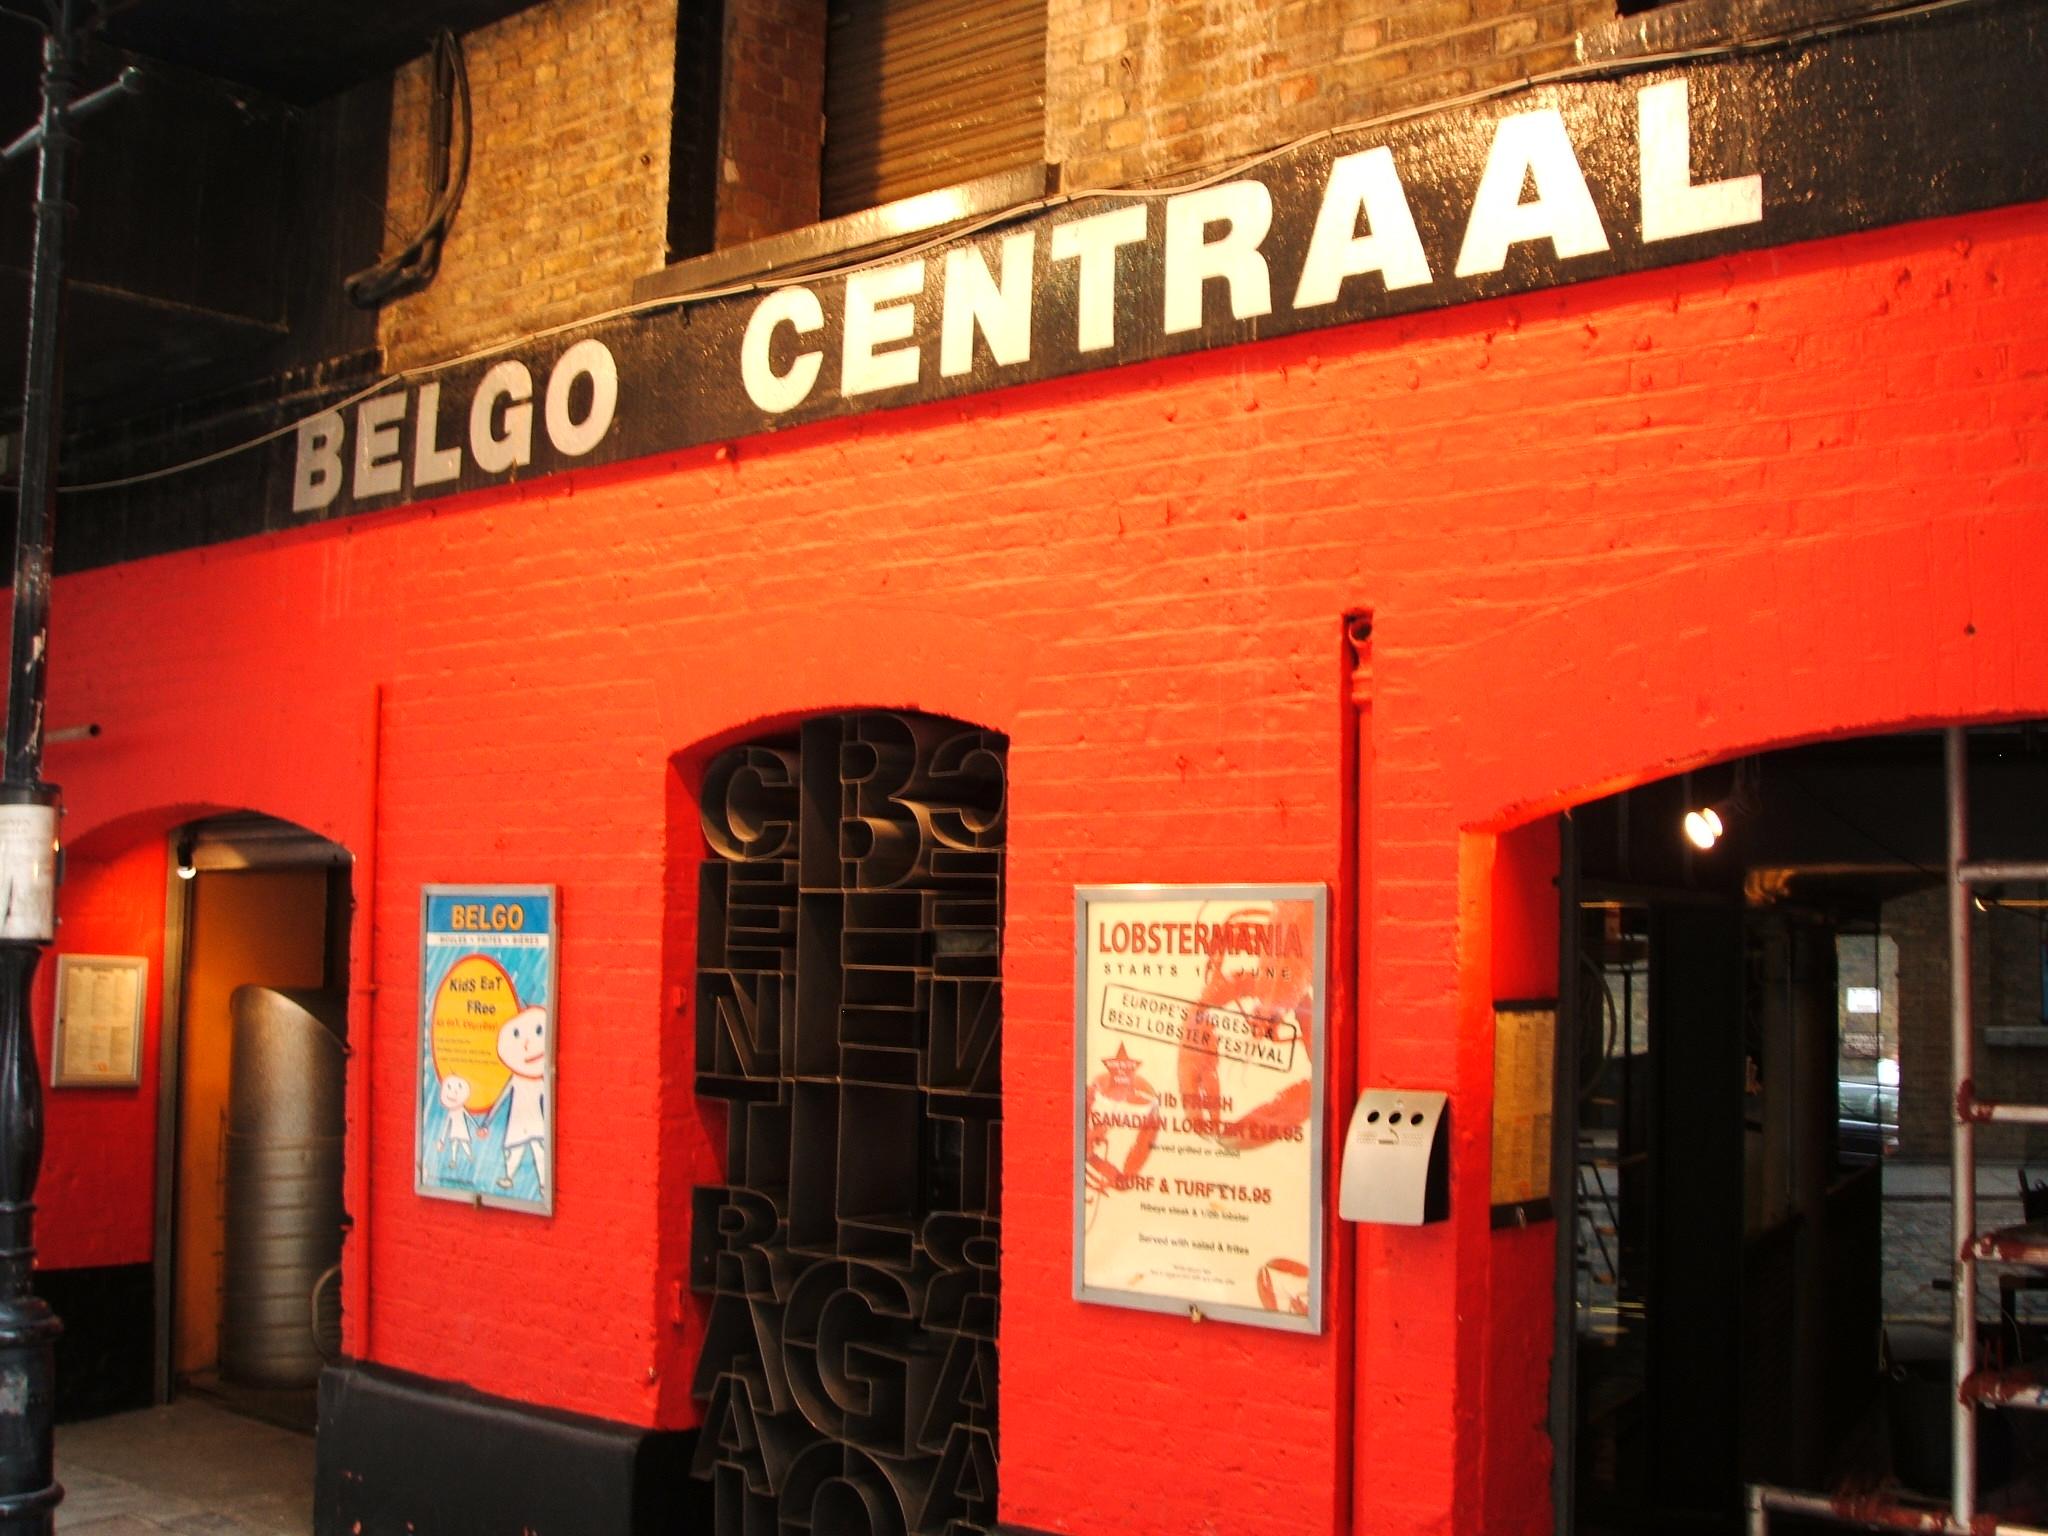 Belgo Centraal London